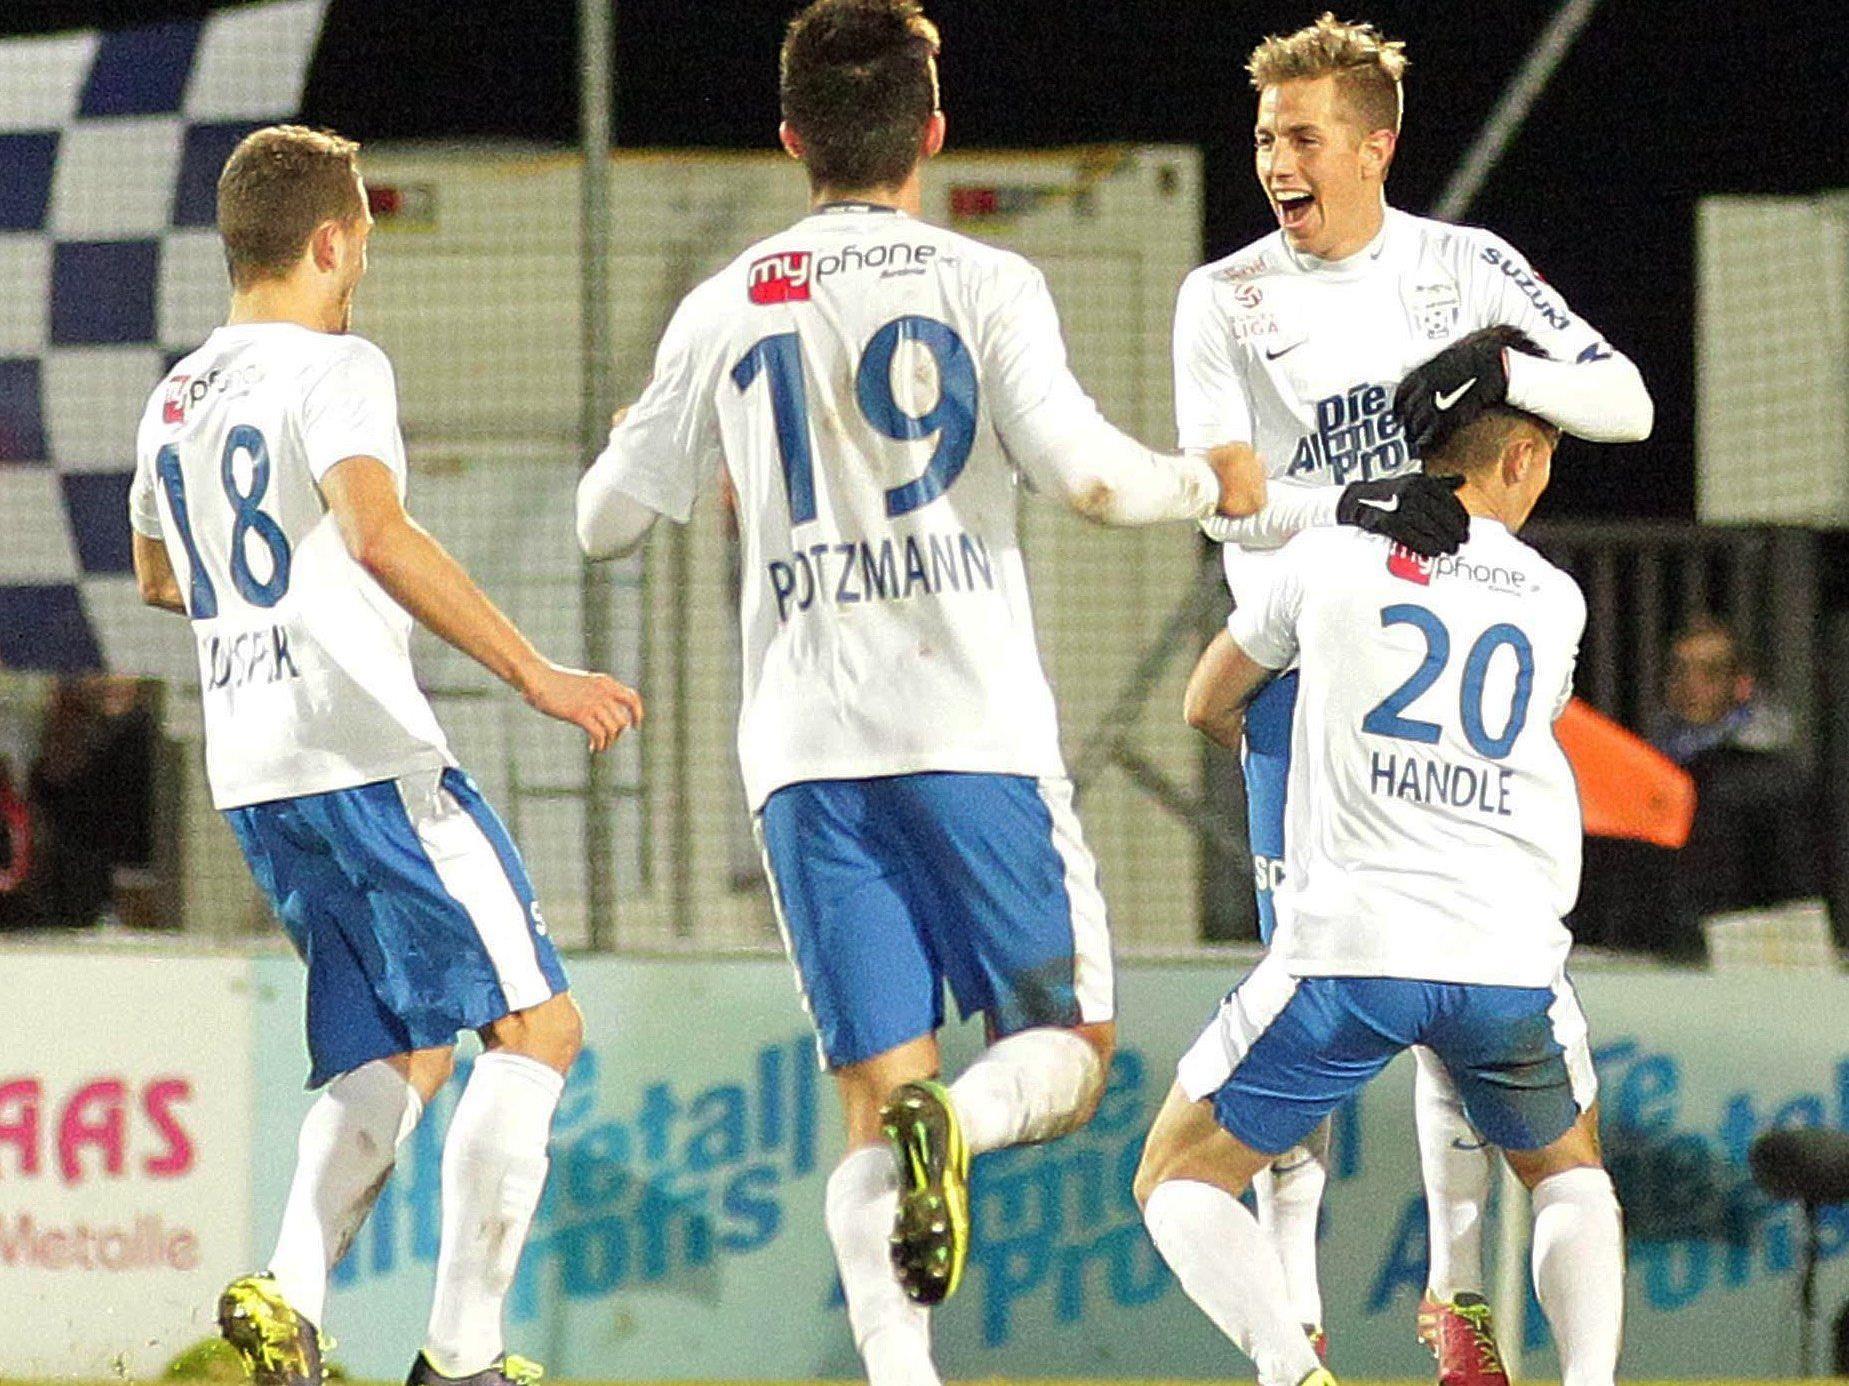 LIVE-Ticker zum Spiel FC Admira Wacker Mödling gegen SV Grödig ab 19 Uhr.